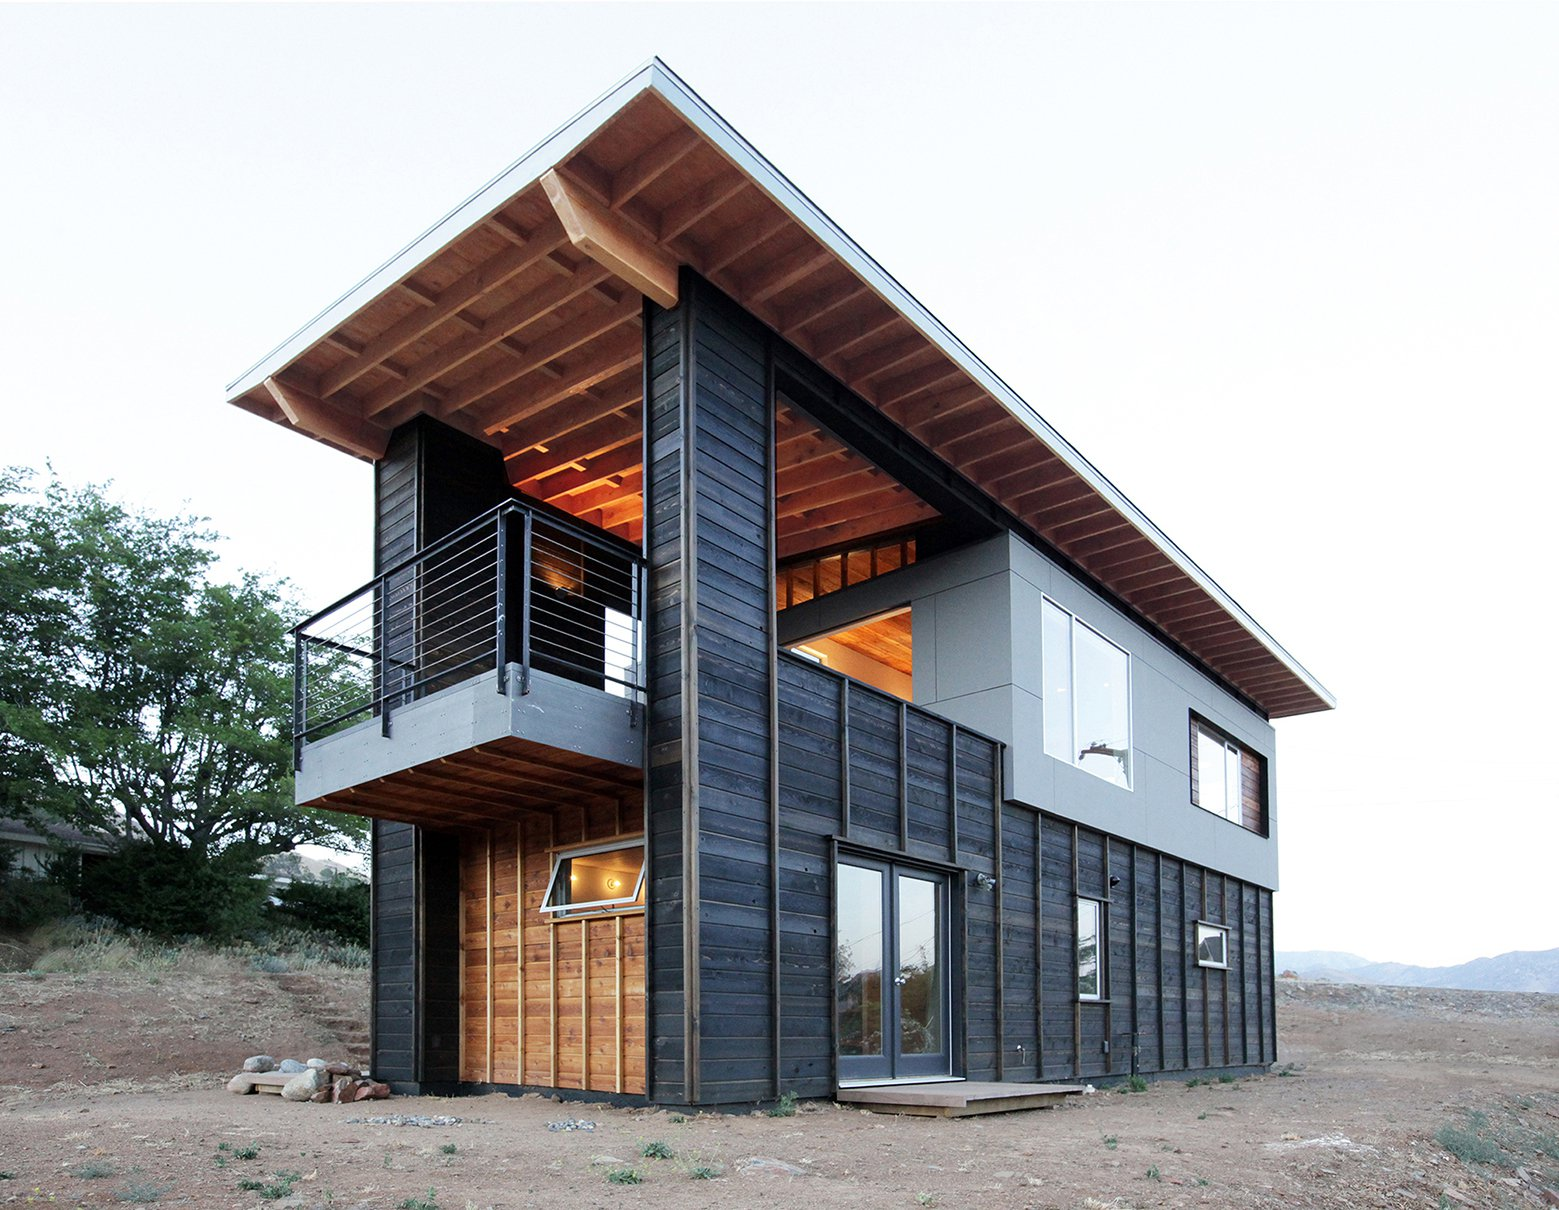 510 Cabin / Hunter Leggitt Studio (18)